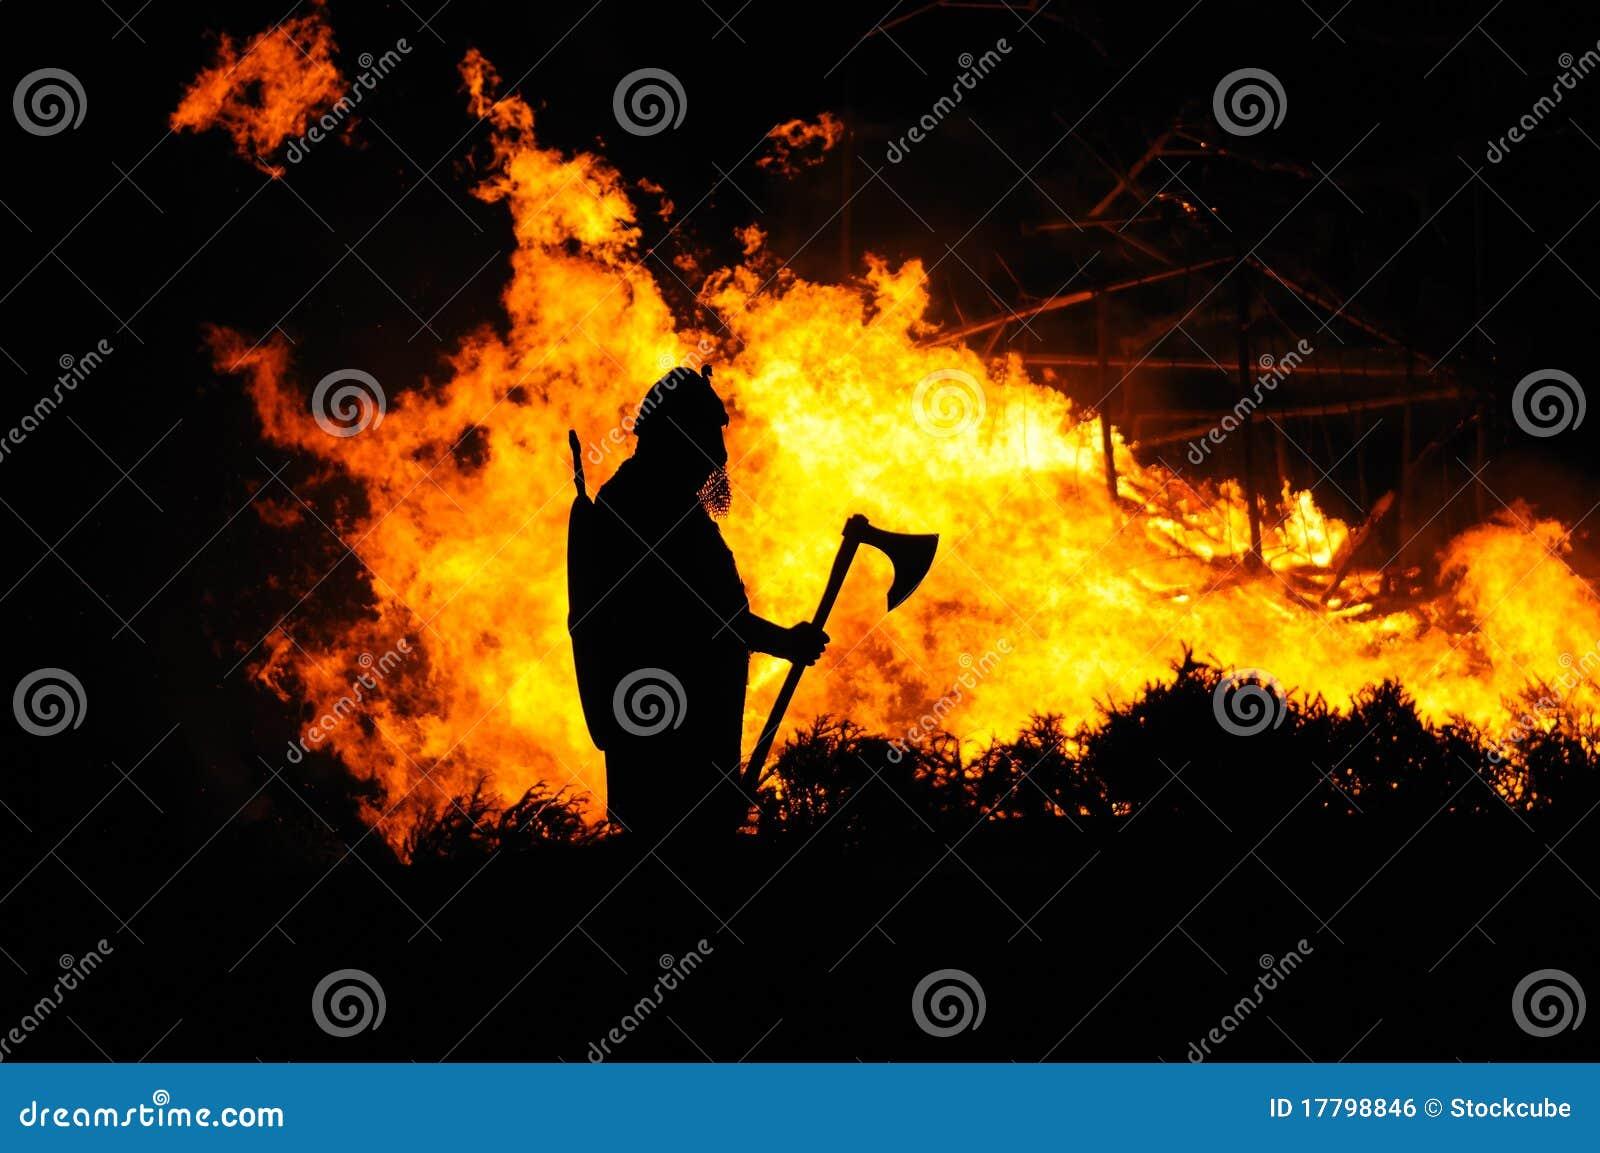 Vikingo y edificio ardiente